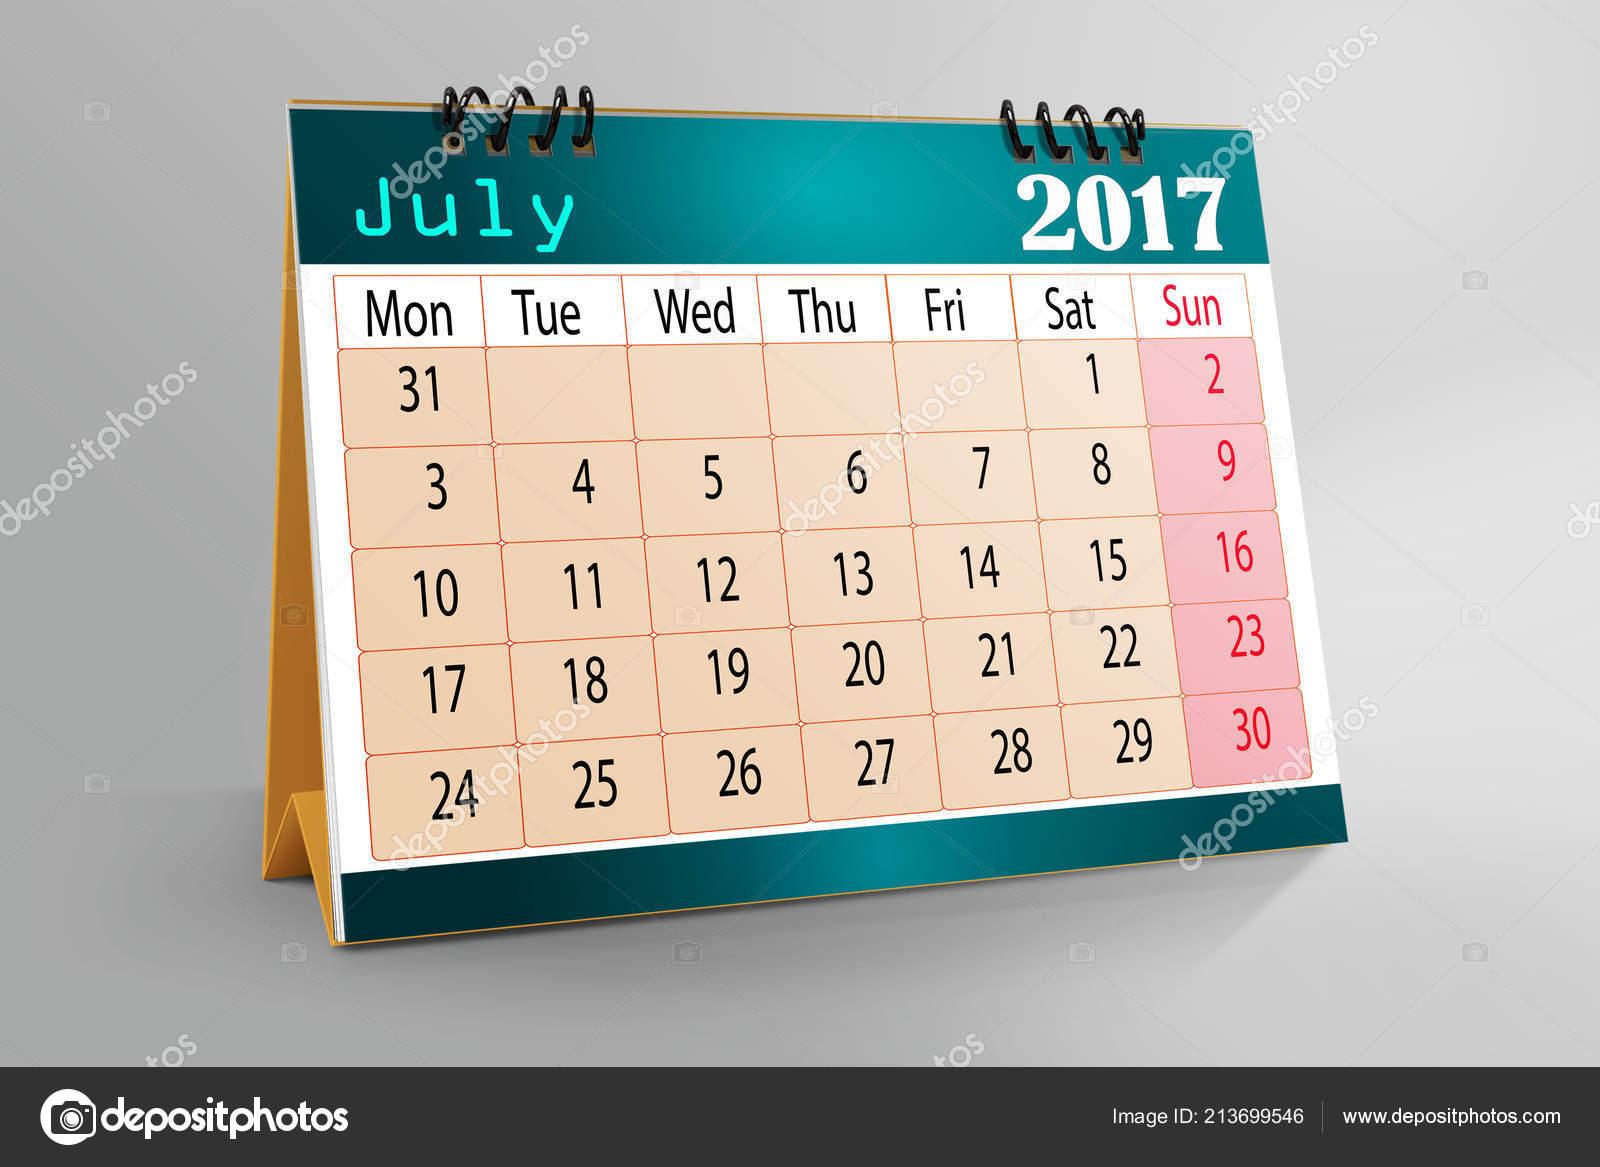 Office kalender als desktop hintergrund